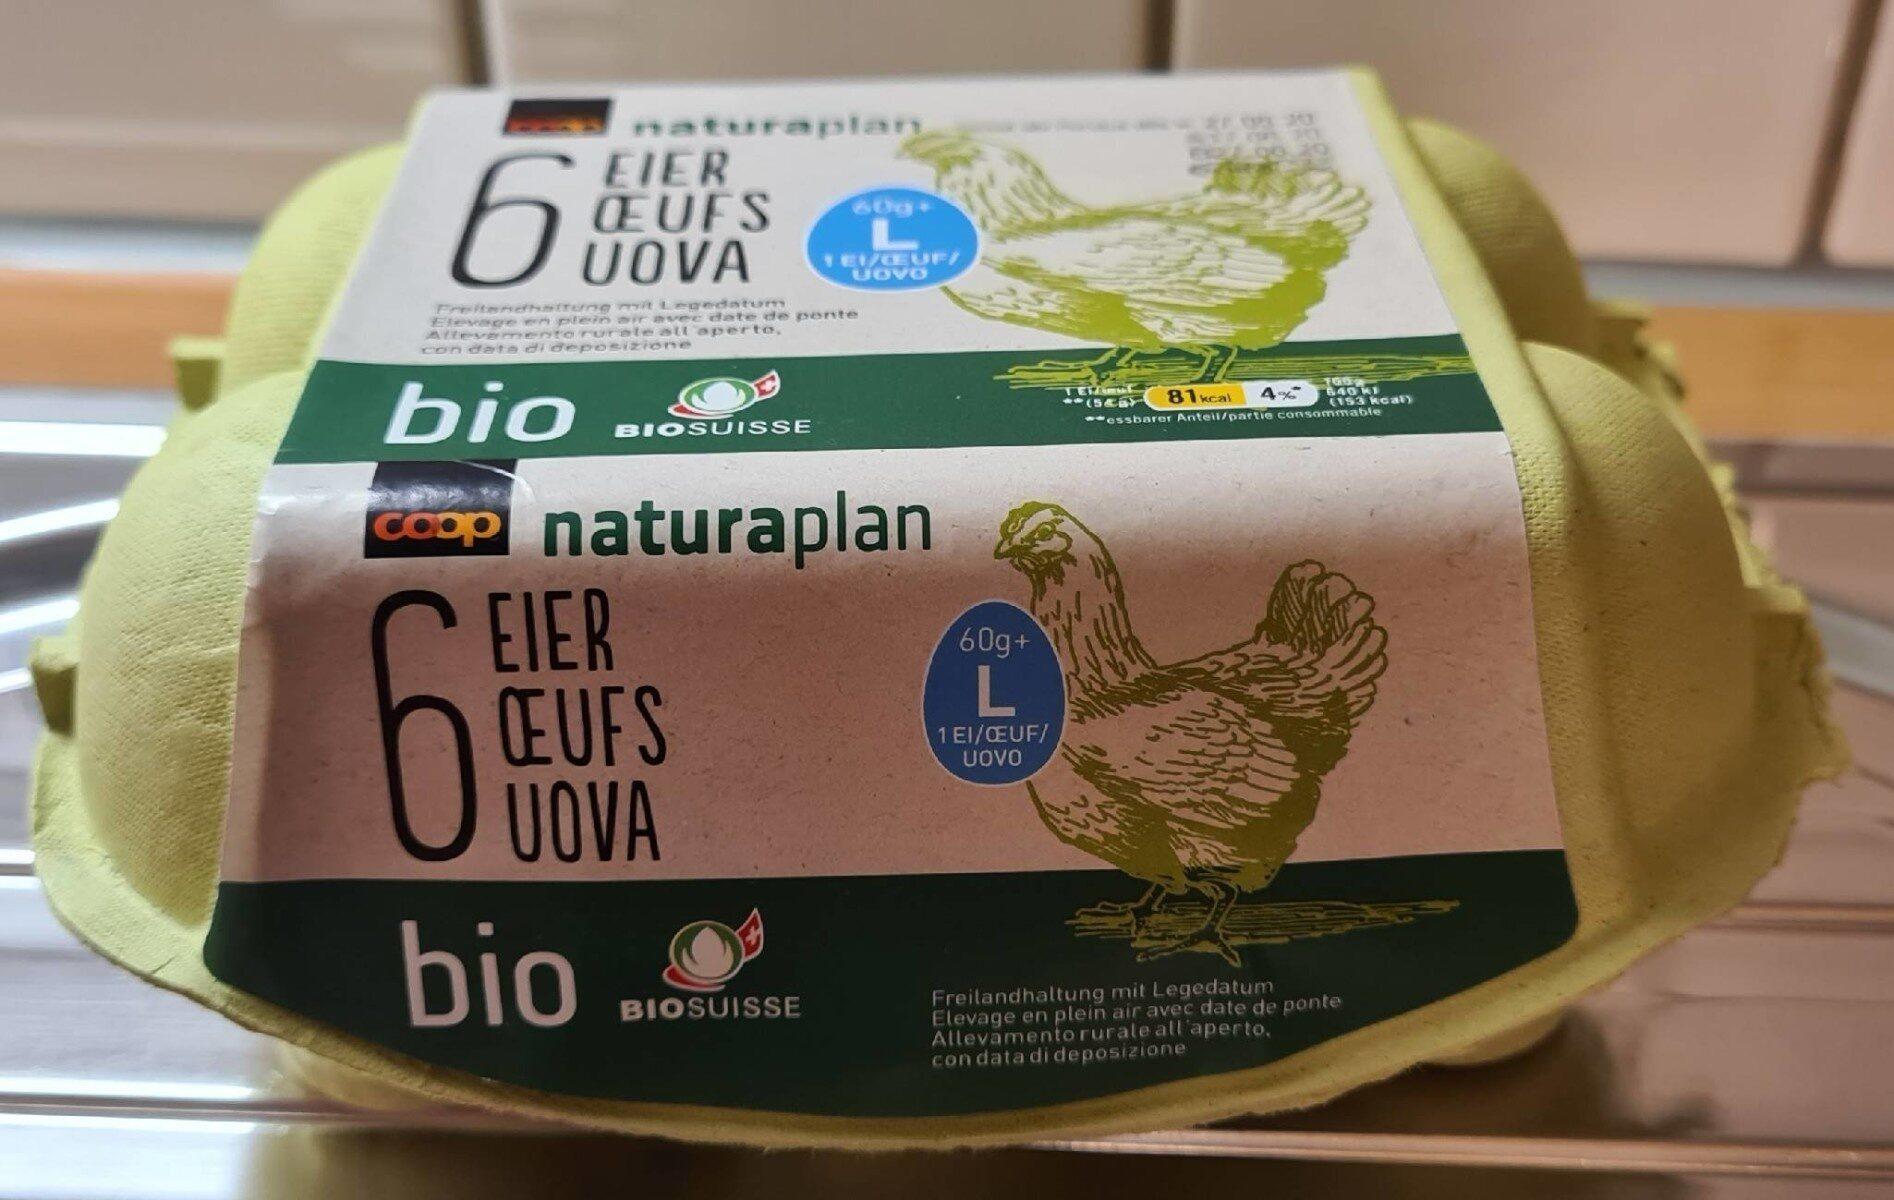 6 oeufs L bio - Produit - fr